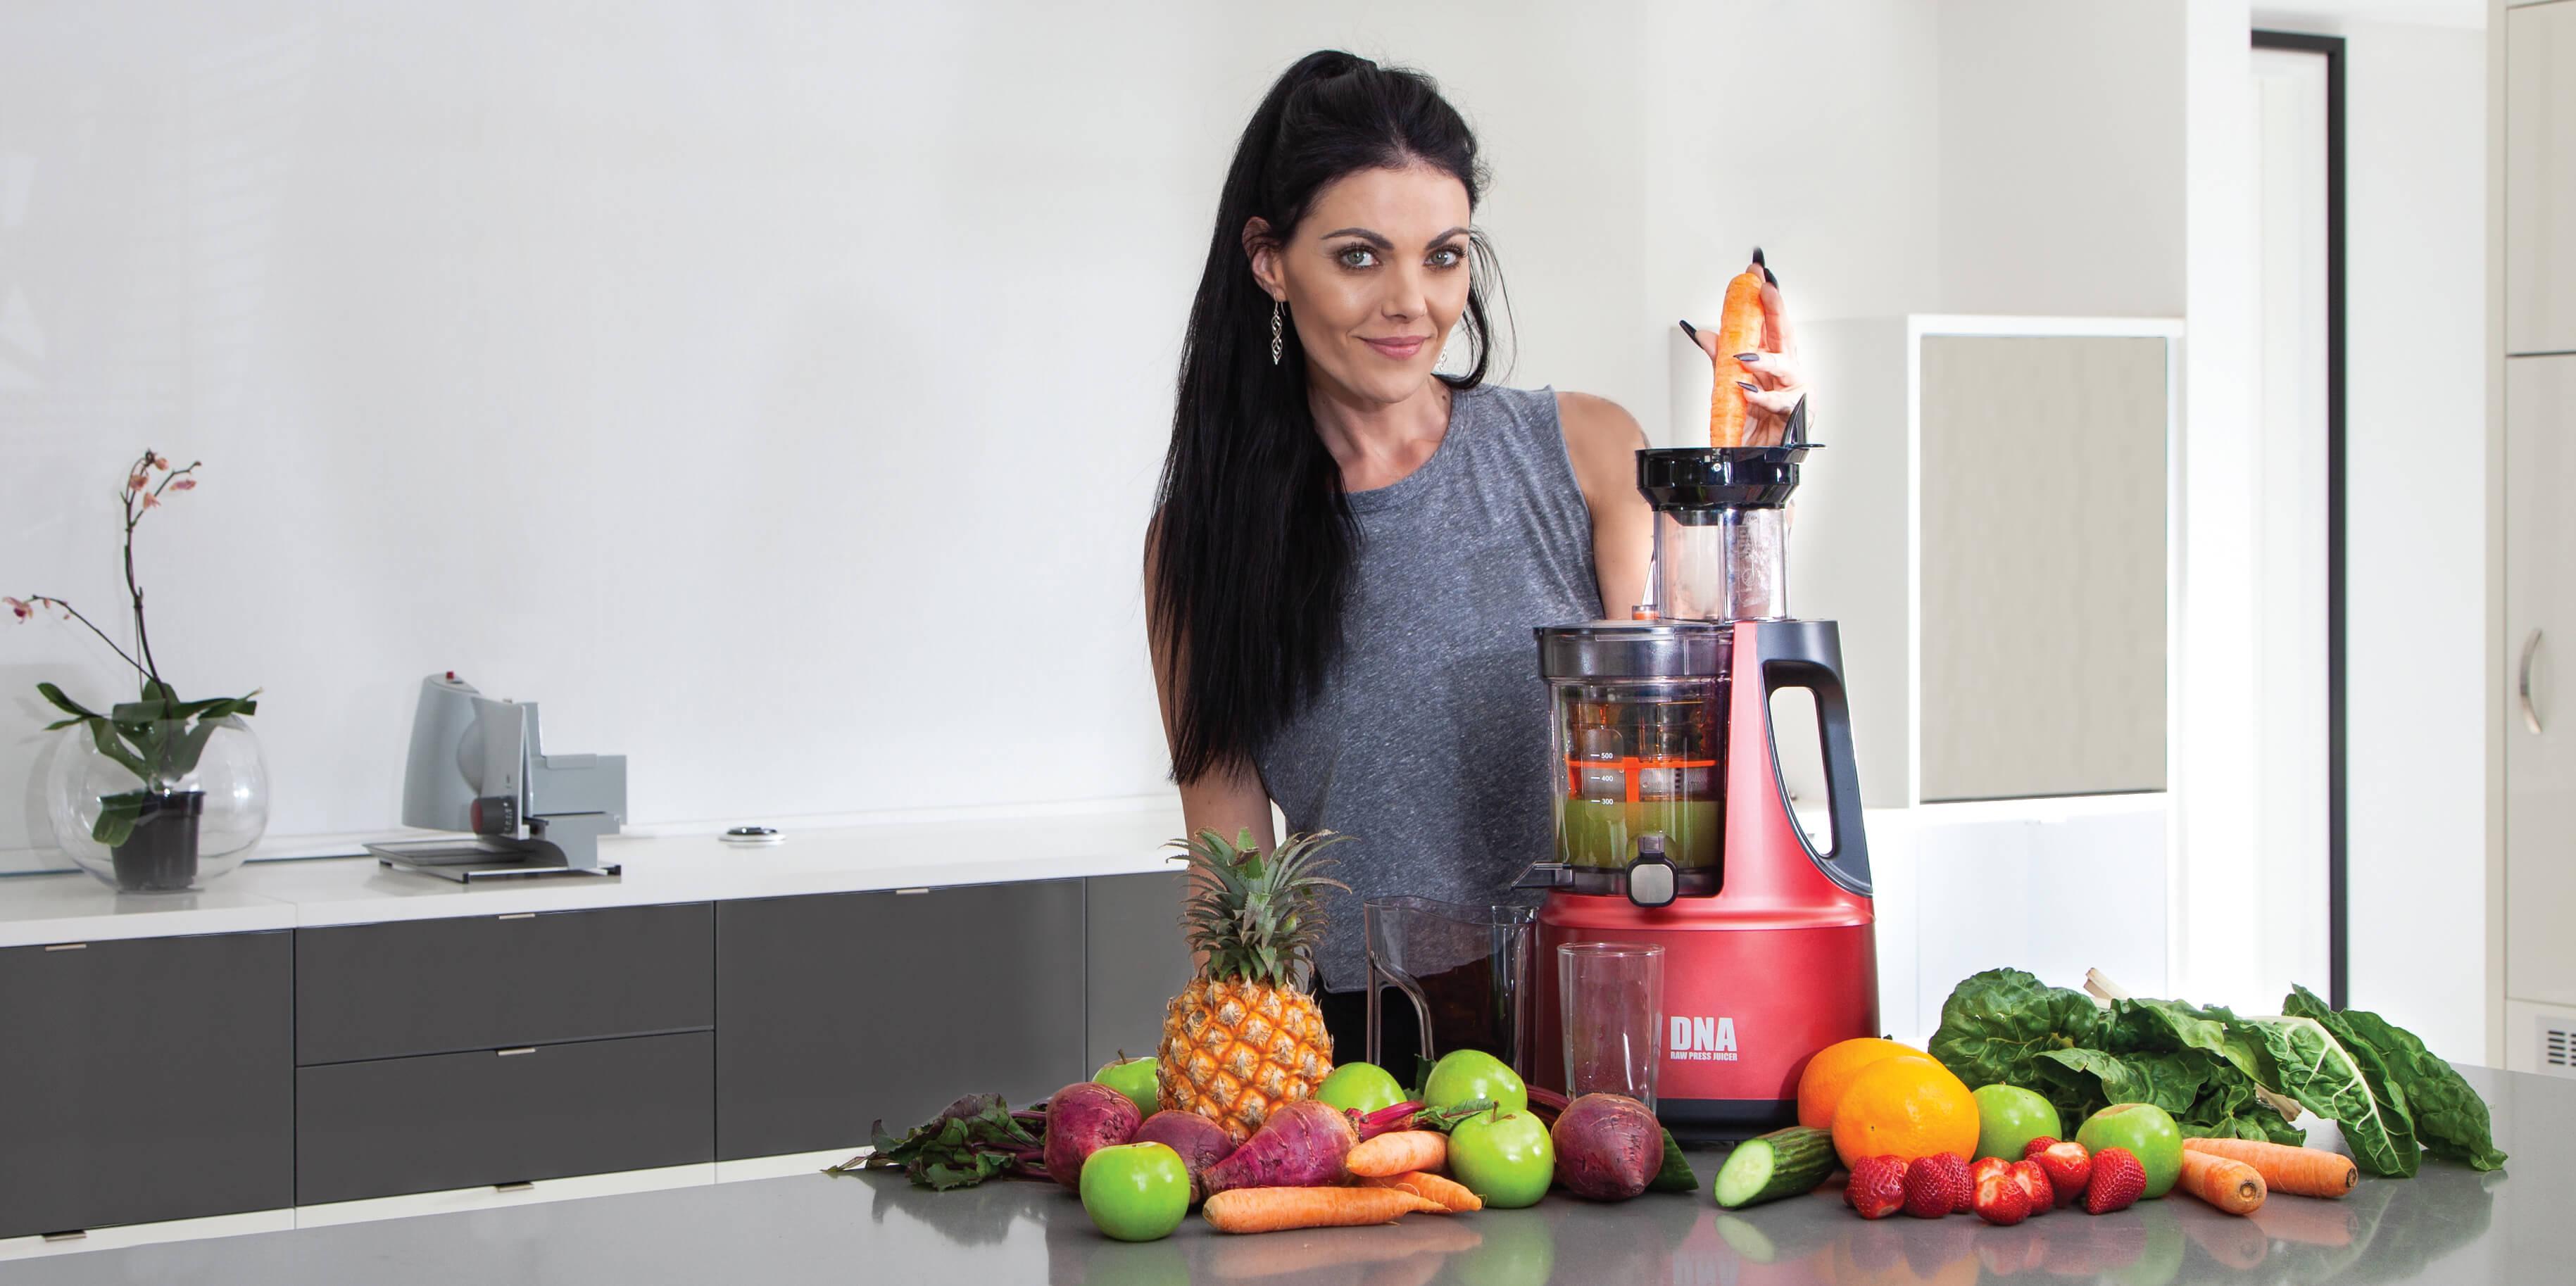 DNA Raw Press Juicer Making Carrot Juice